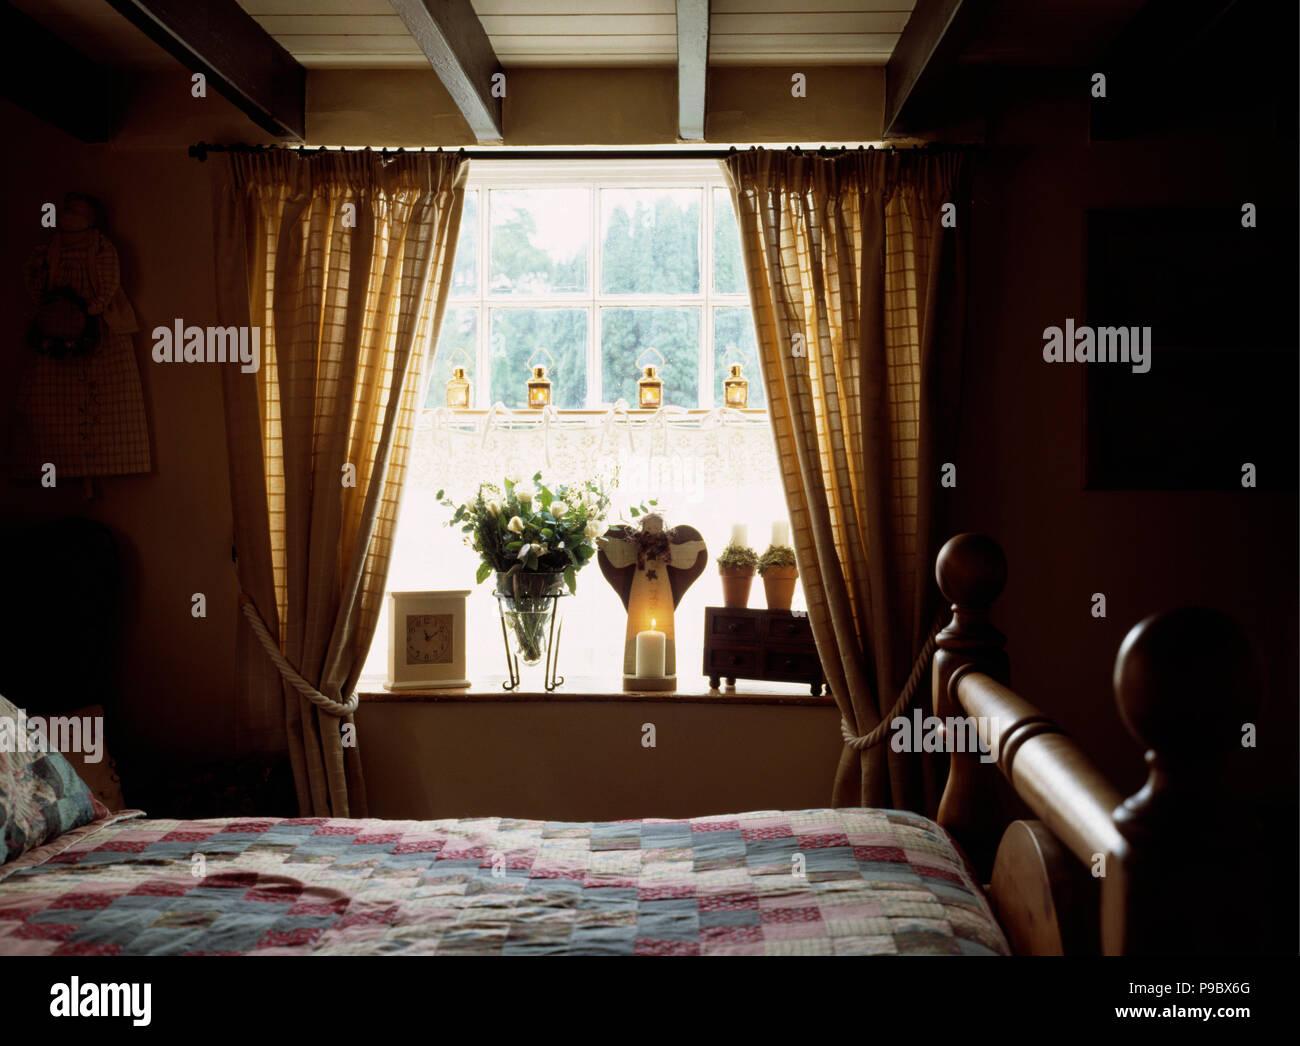 Candele Camera Da Letto : Candele e angelo candela supporto sul davanzale in cottage camera